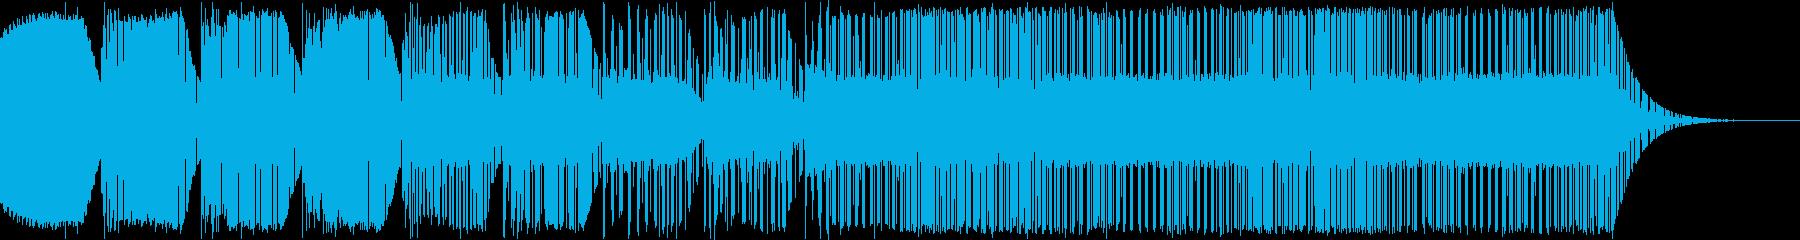 レトロゲーム ゲームオーバー風ジングルの再生済みの波形